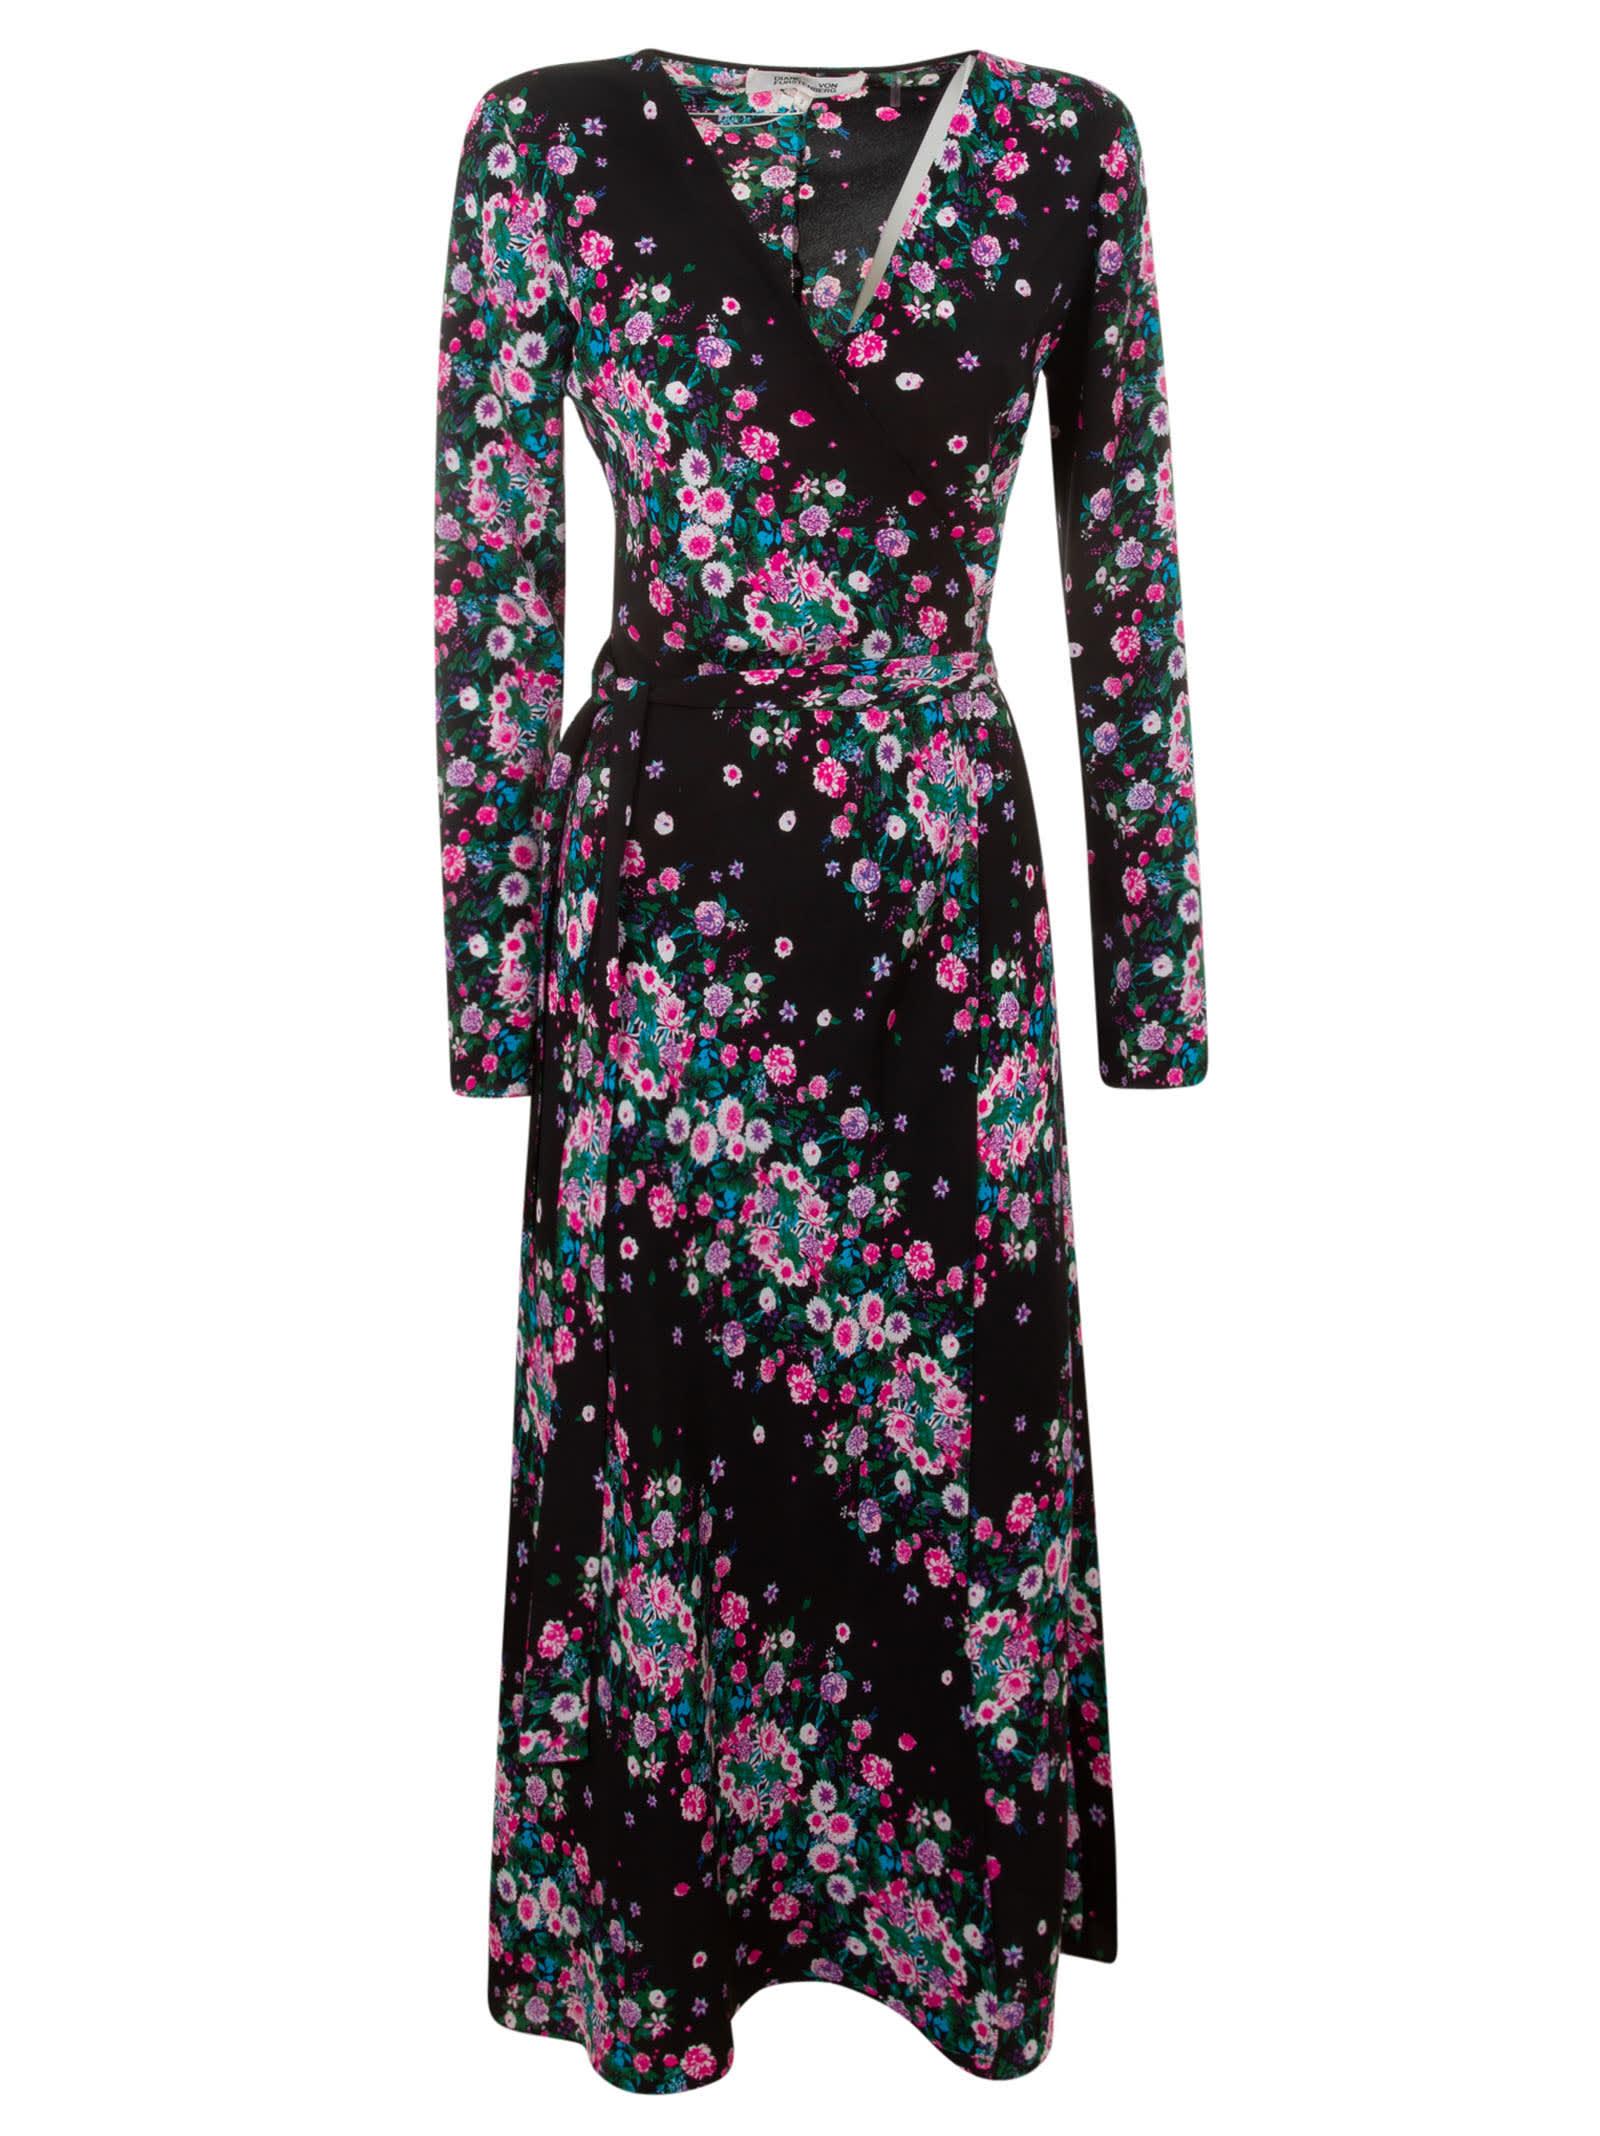 Buy Diane Von Furstenberg Floral Print Maxi Dress online, shop Diane Von Furstenberg with free shipping